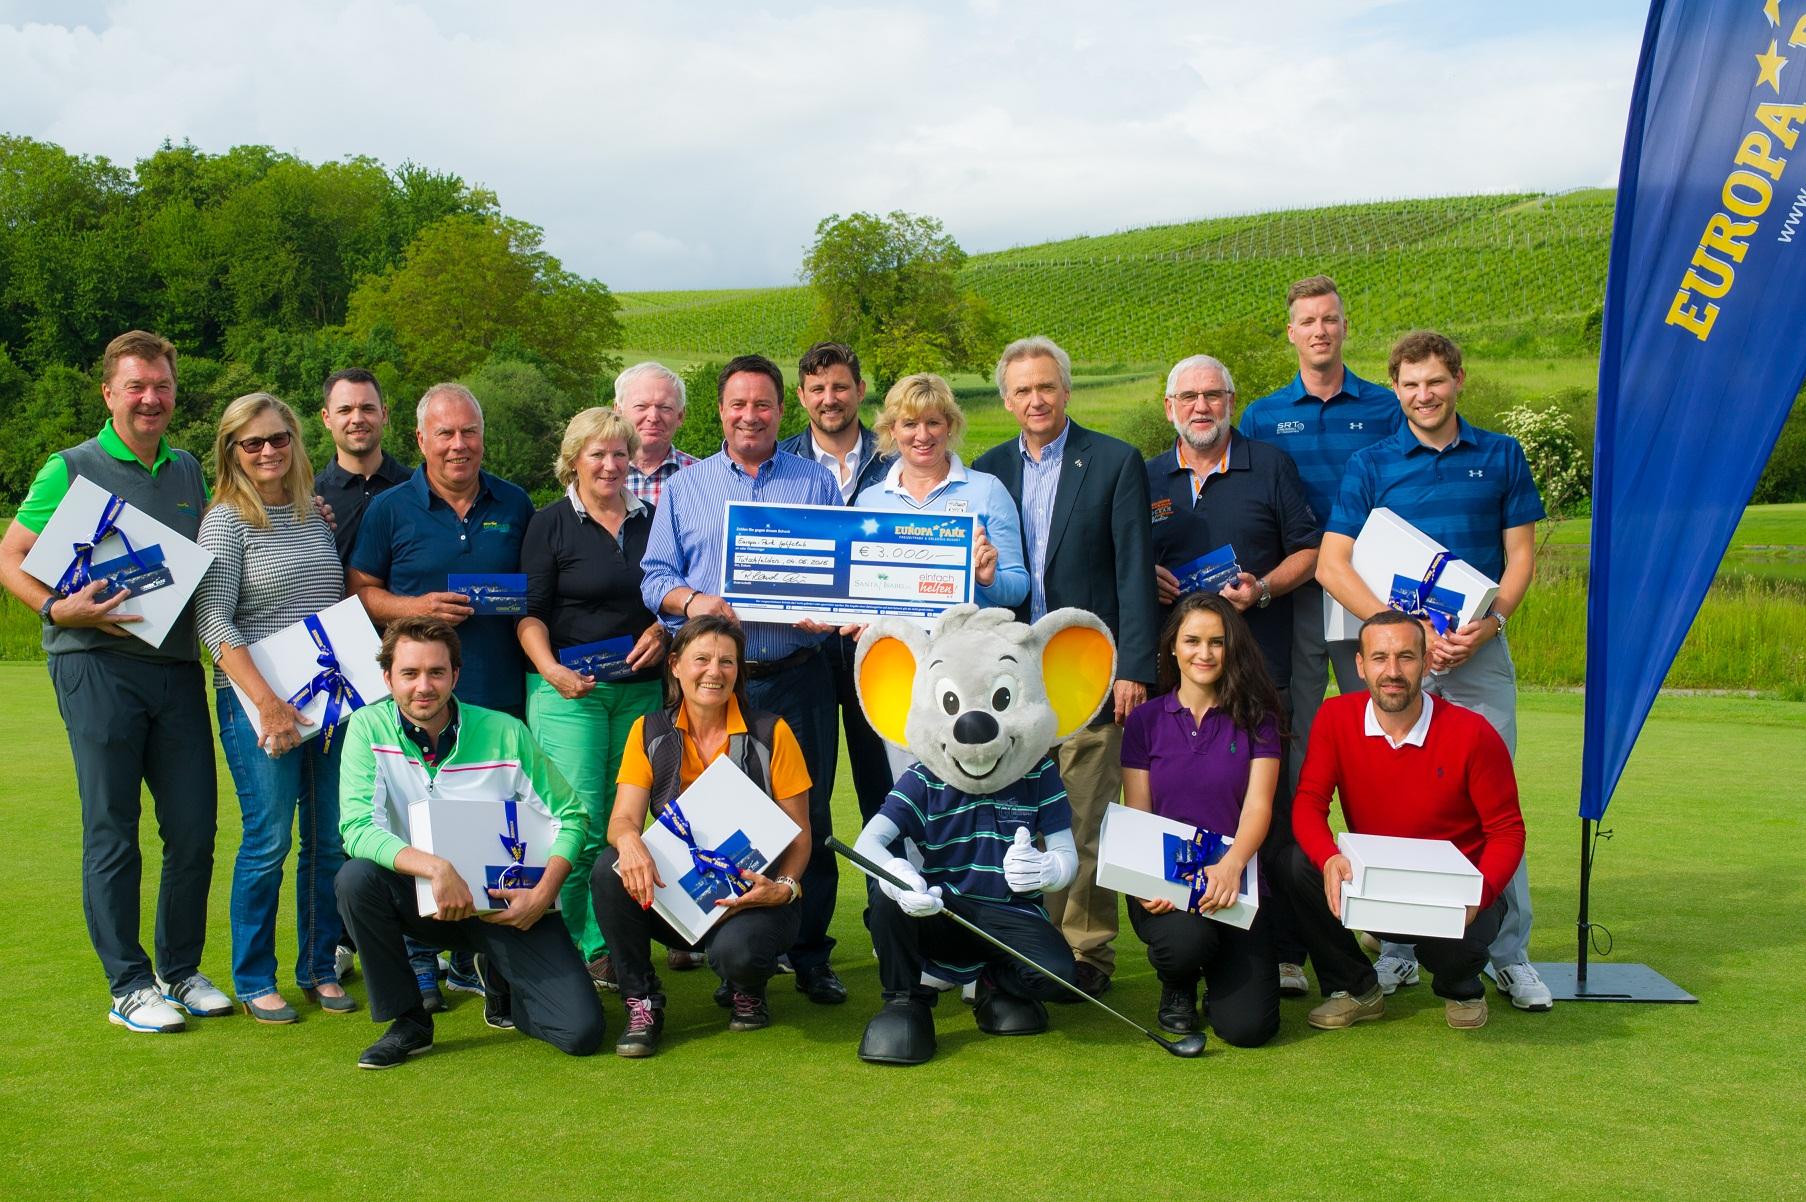 Euromaus Charity Golfcup: 3.000 Euro für den guten Zweck